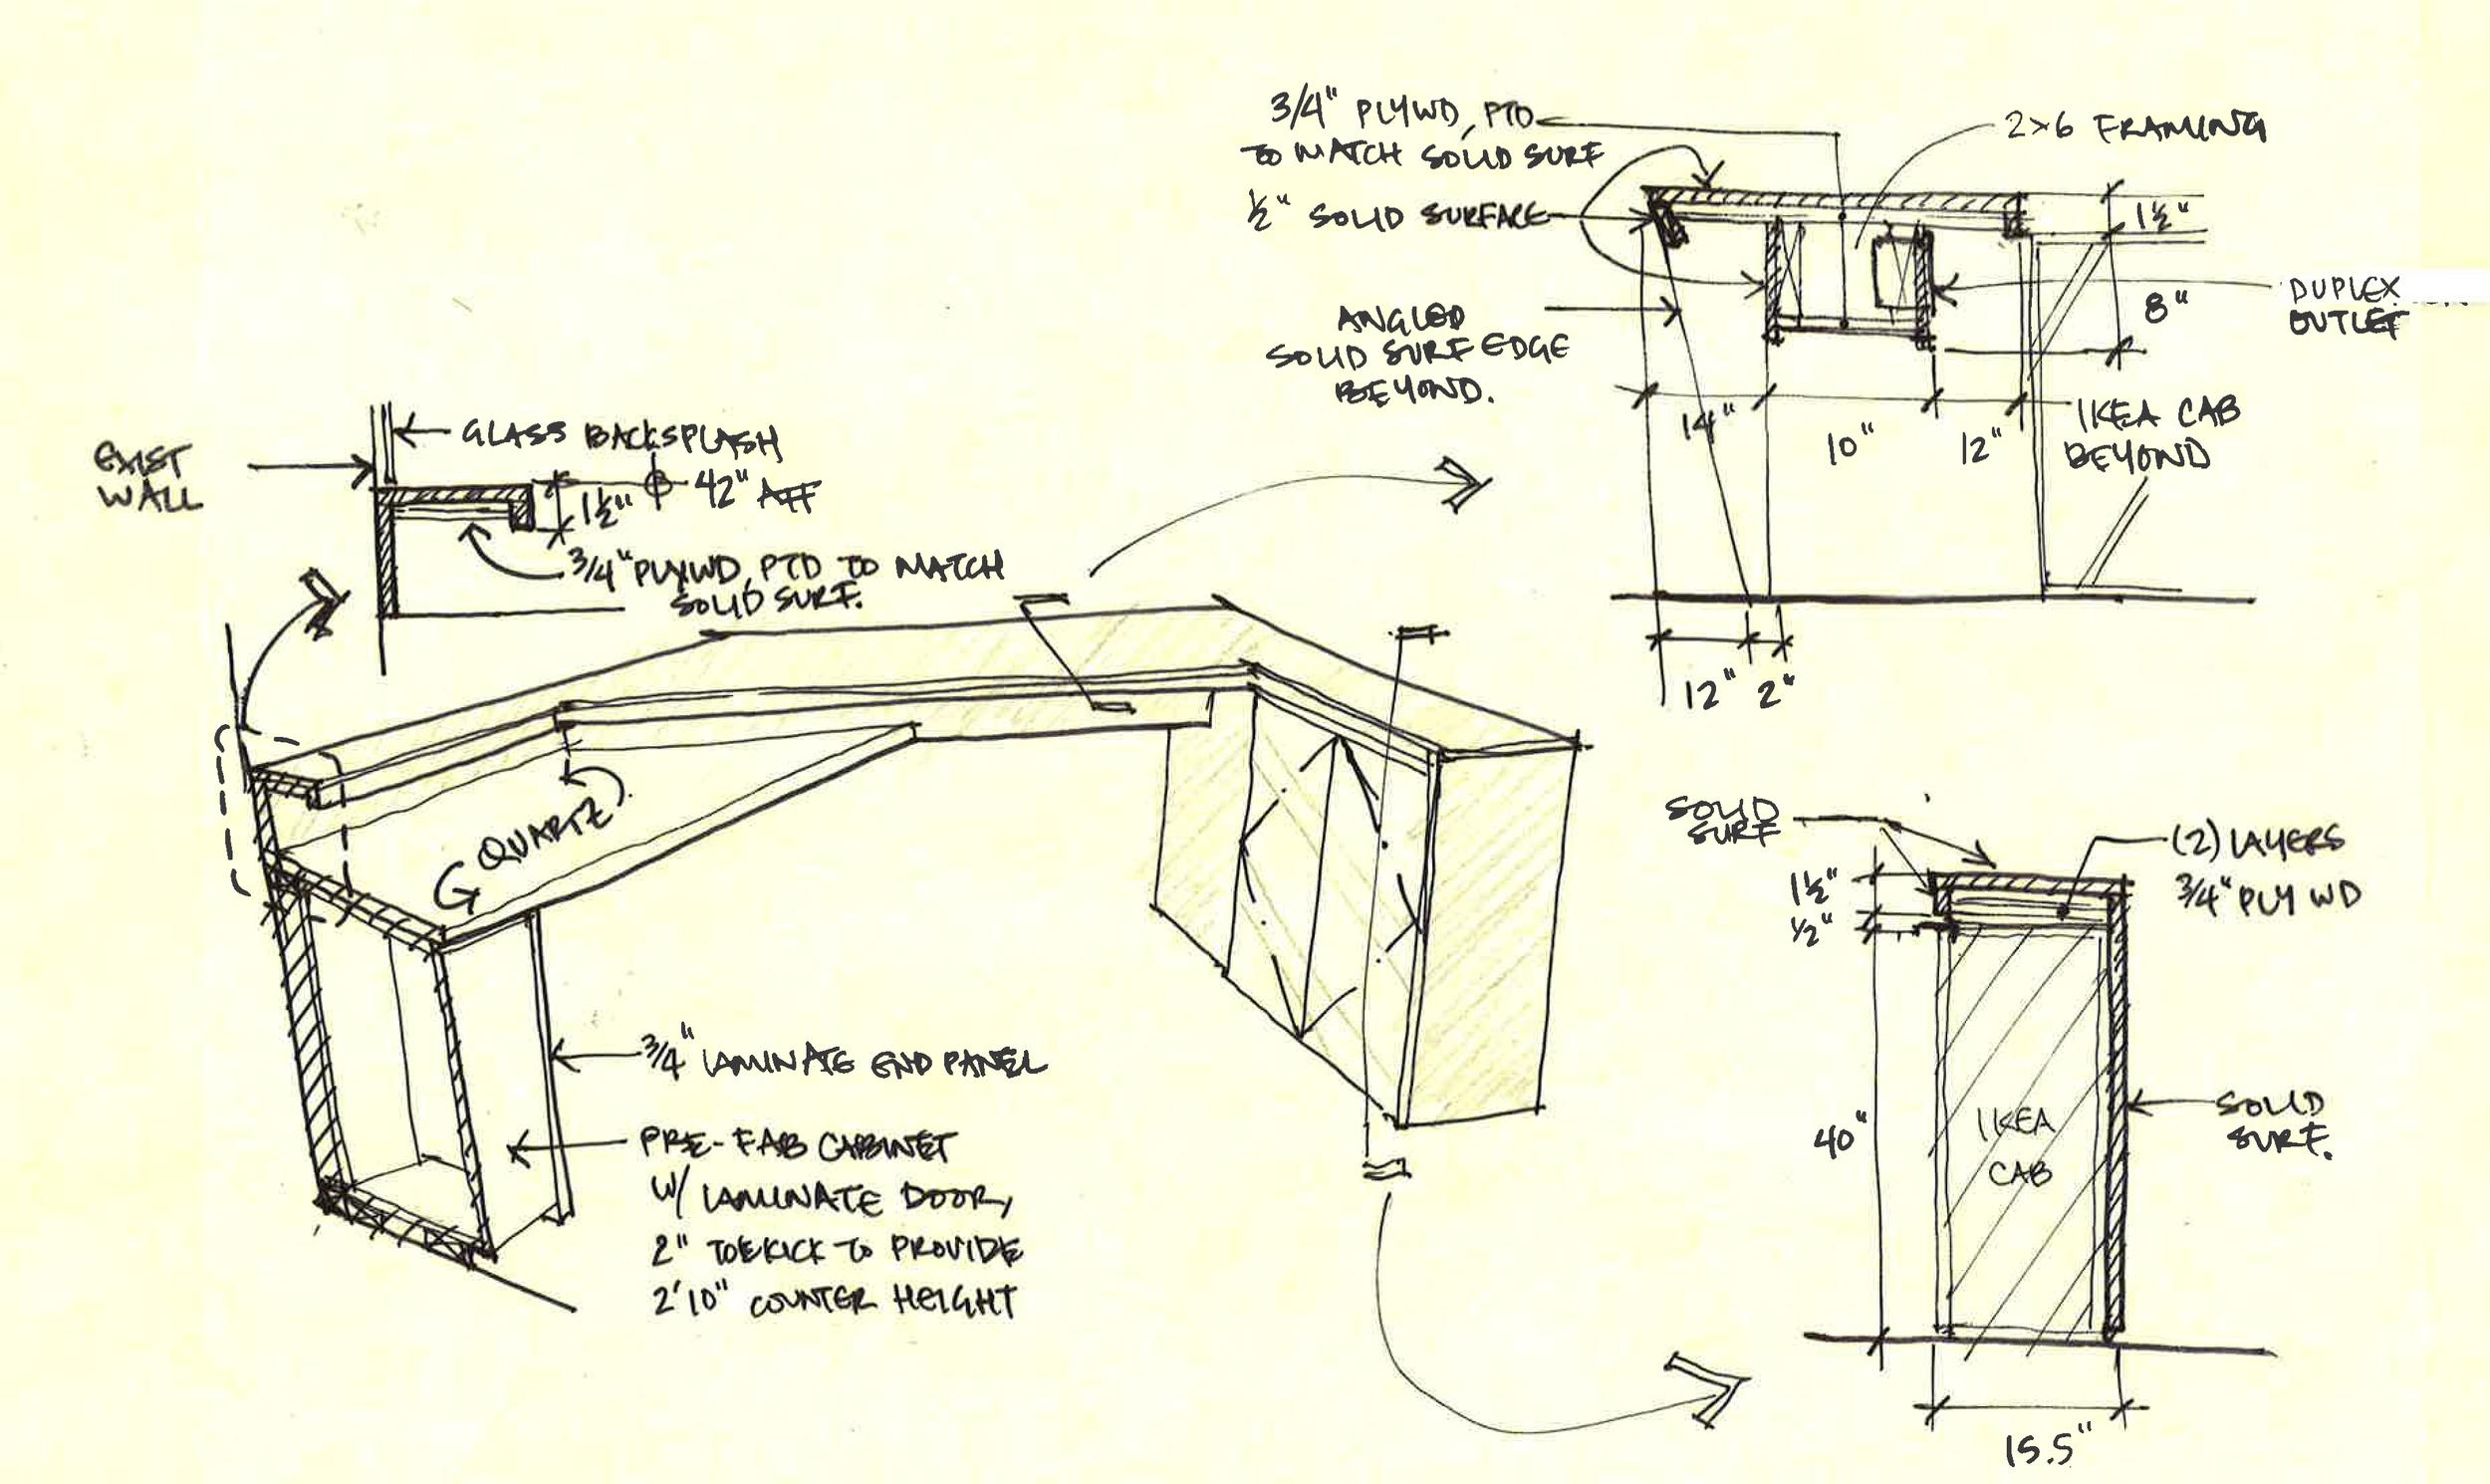 160120_NYPR Bar revision sketch.jpg